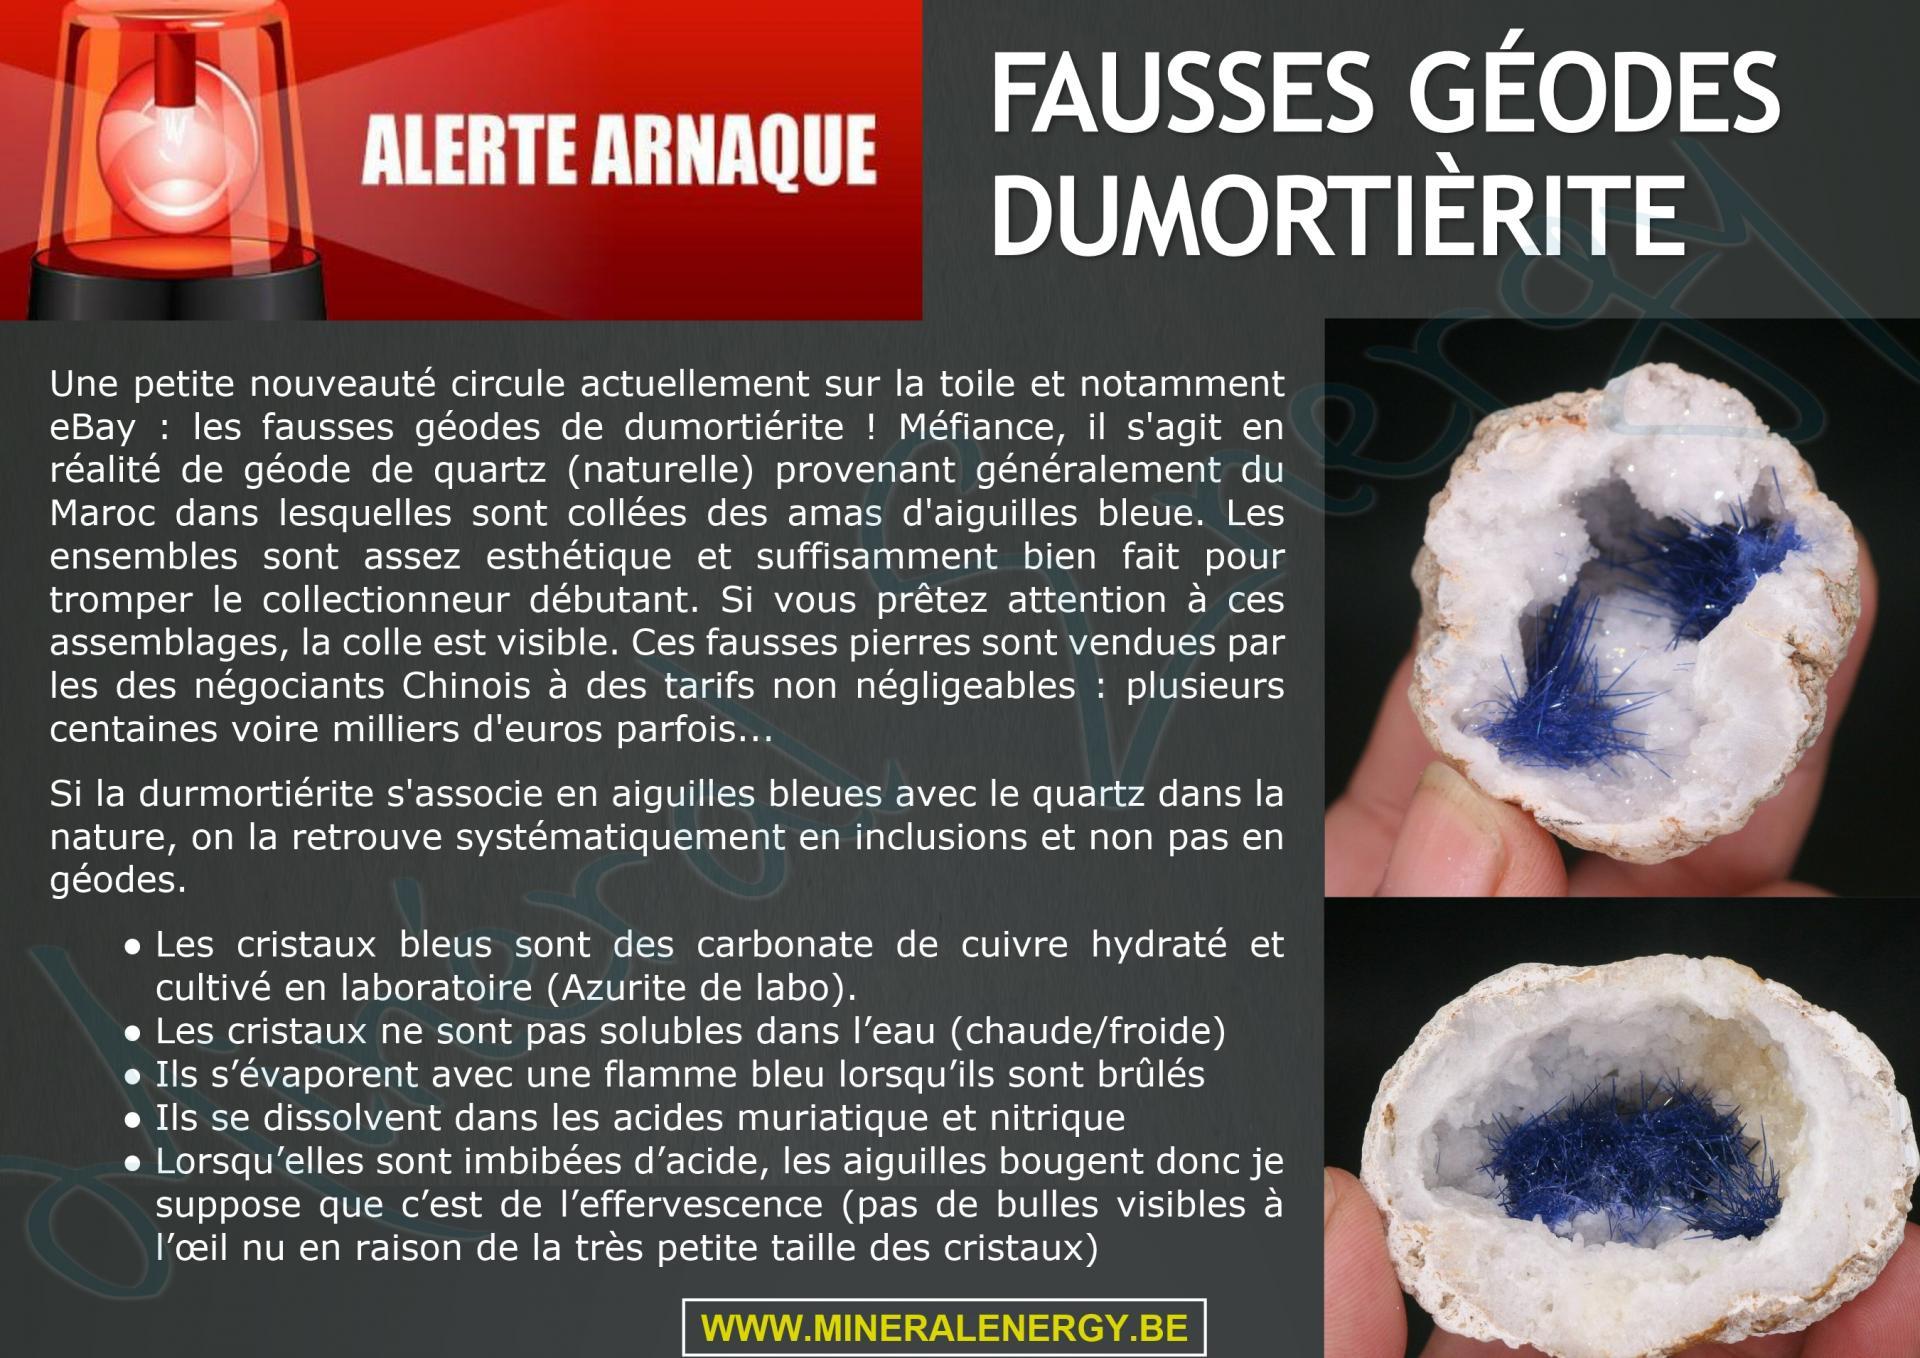 Attention arnaque geode dumortierite